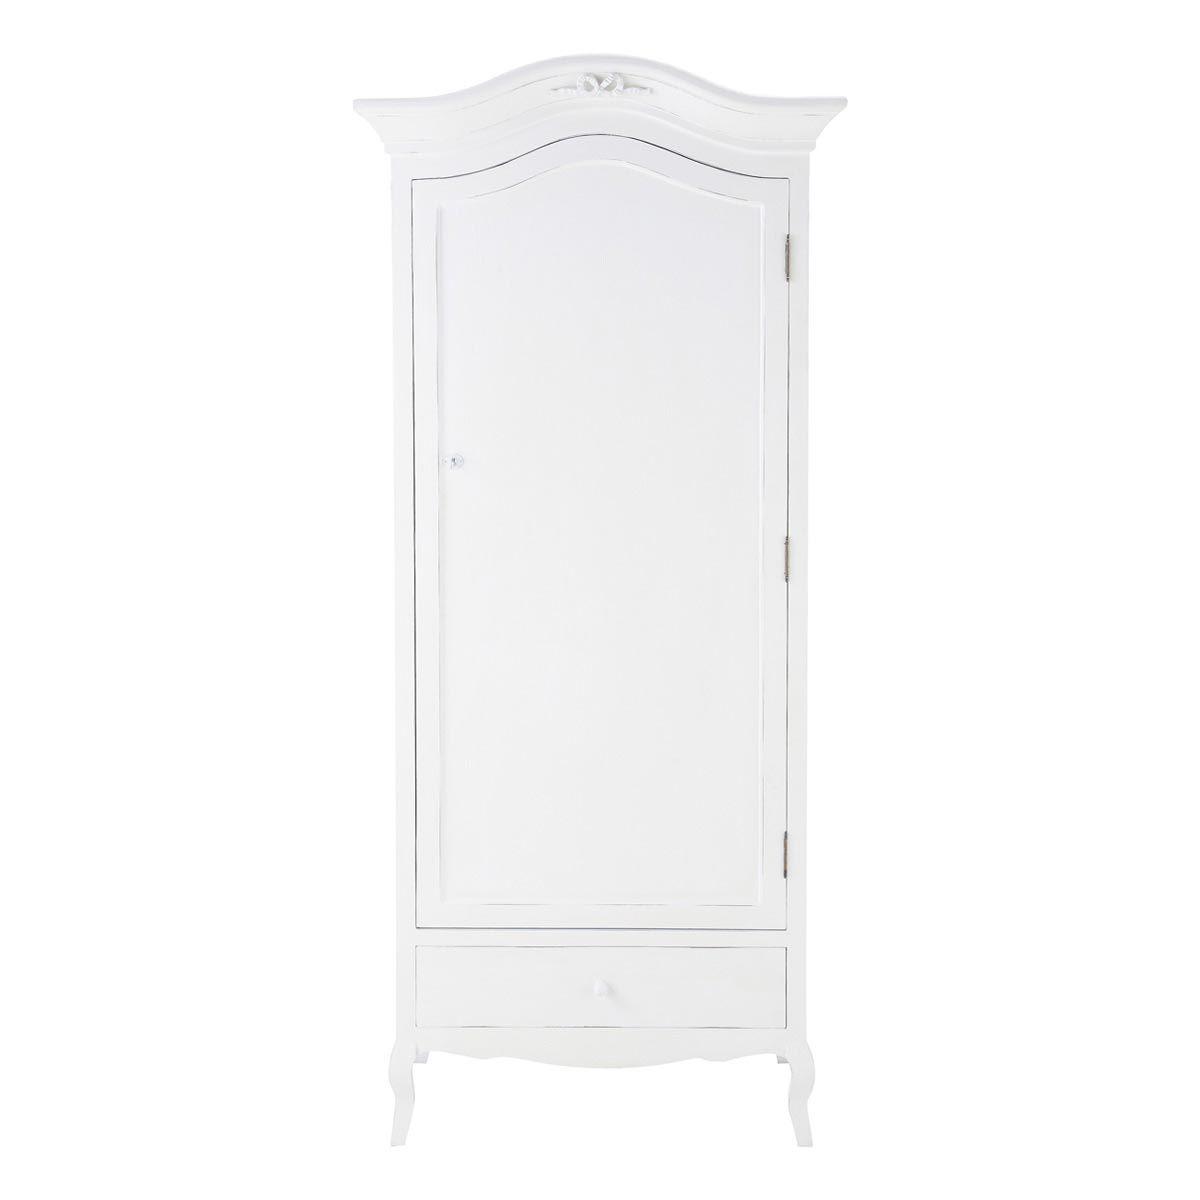 armoire en bois blanche l 90 cm | maisons du monde